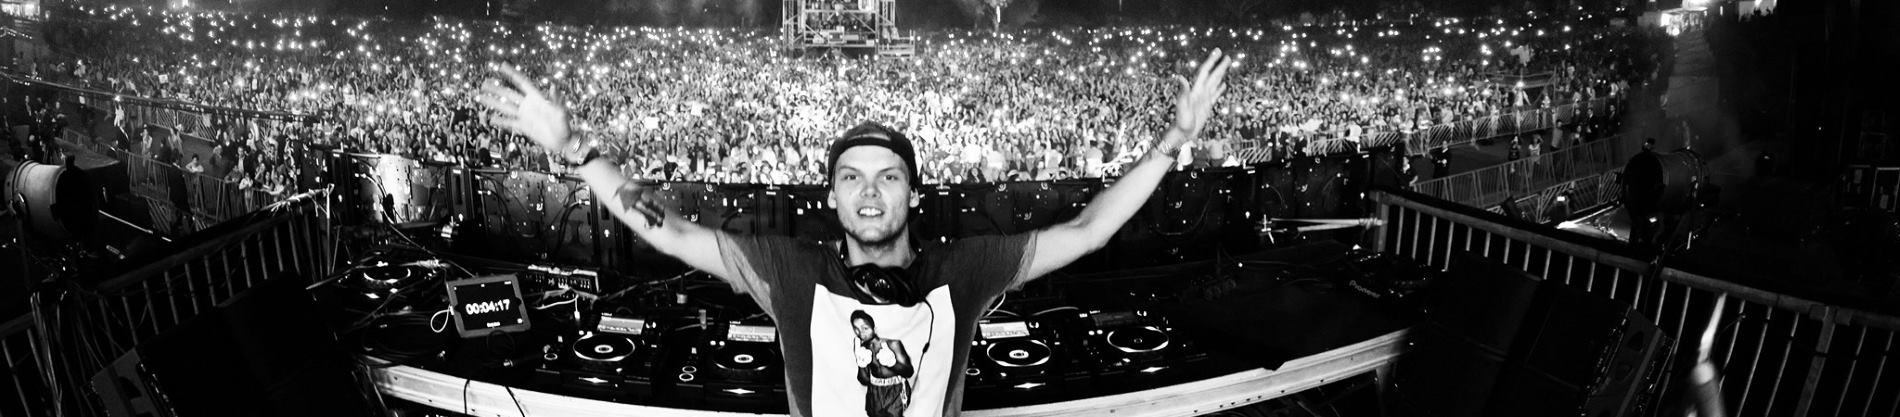 VIDEO: Švedski producent Avicii nastavlja izdavati nove singleove